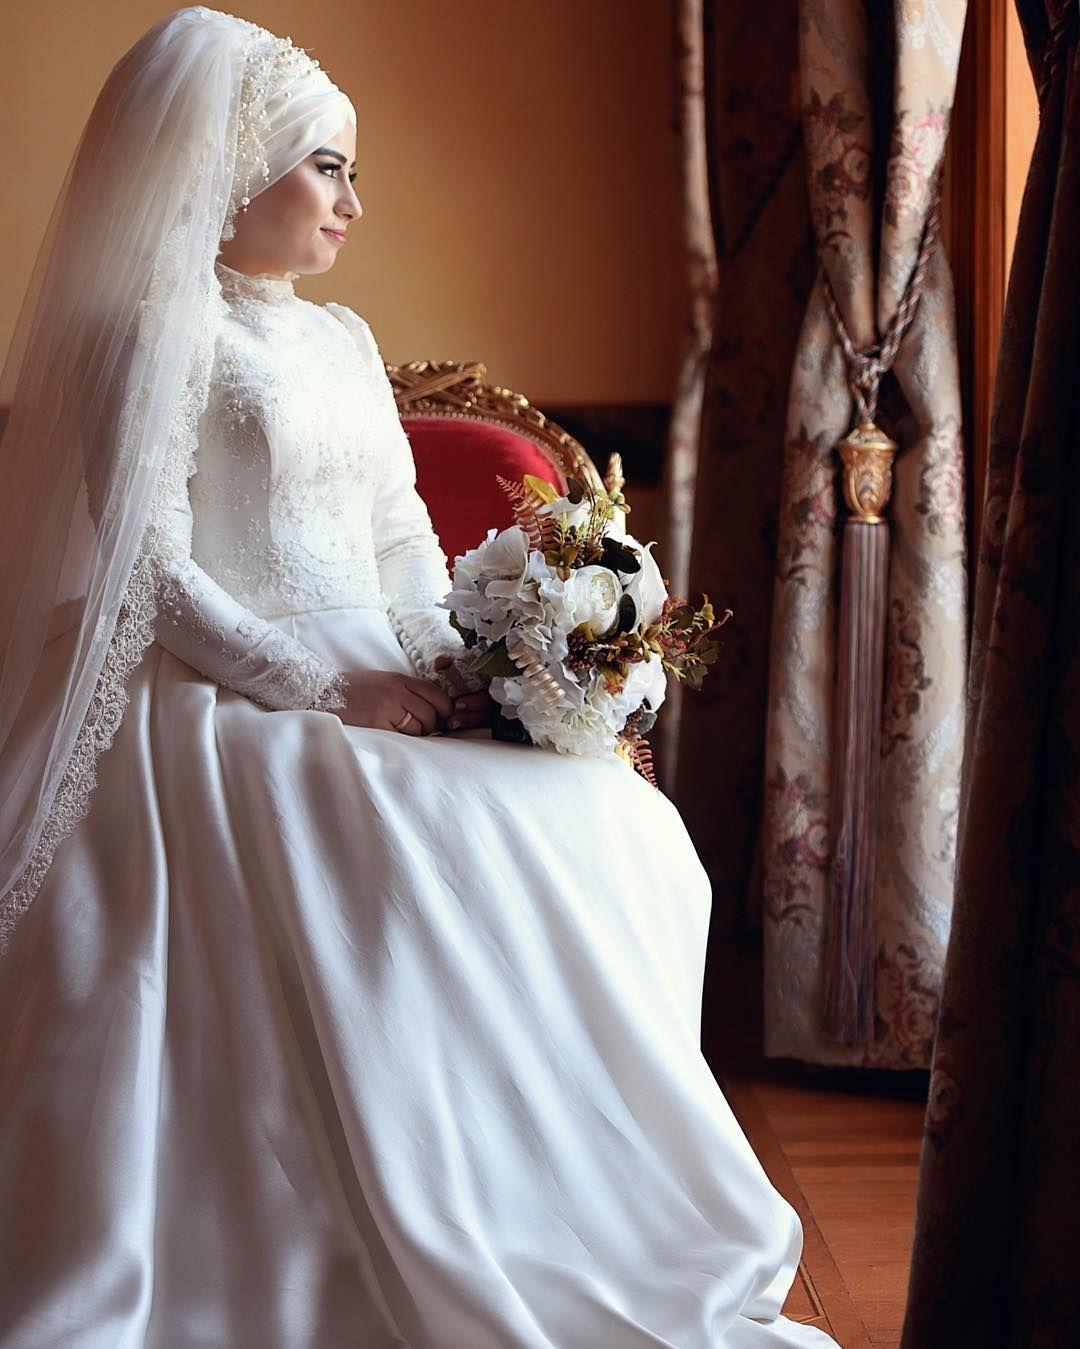 Pin by merve Öztürk on düğün fotoğrafları in pinterest